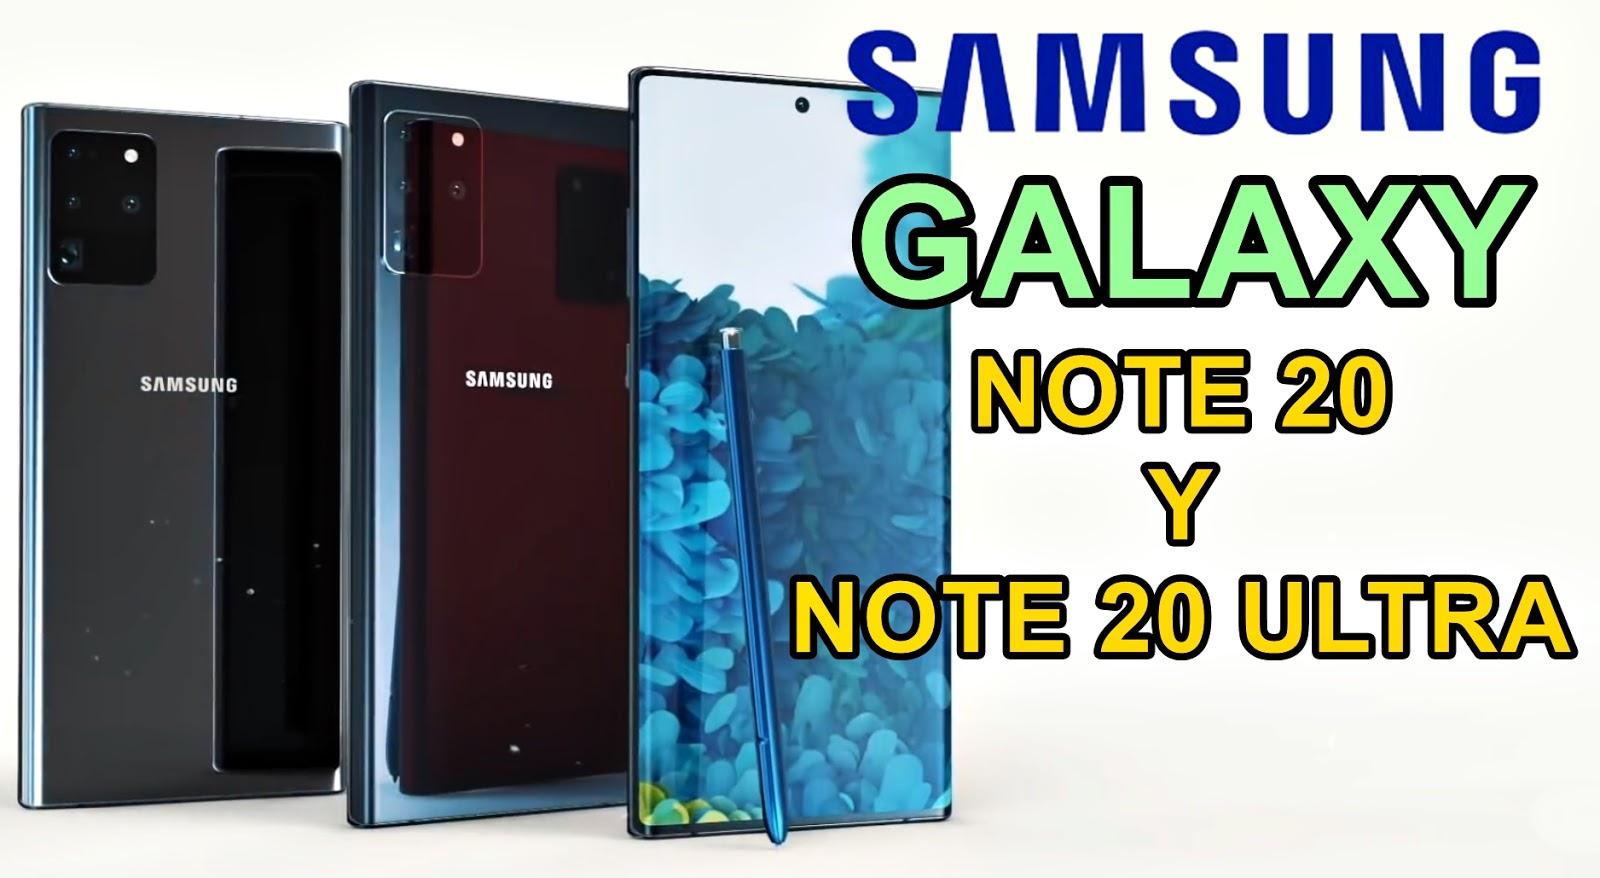 Samsung Galaxy Note 20 todo lo que debes saber hasta ahora